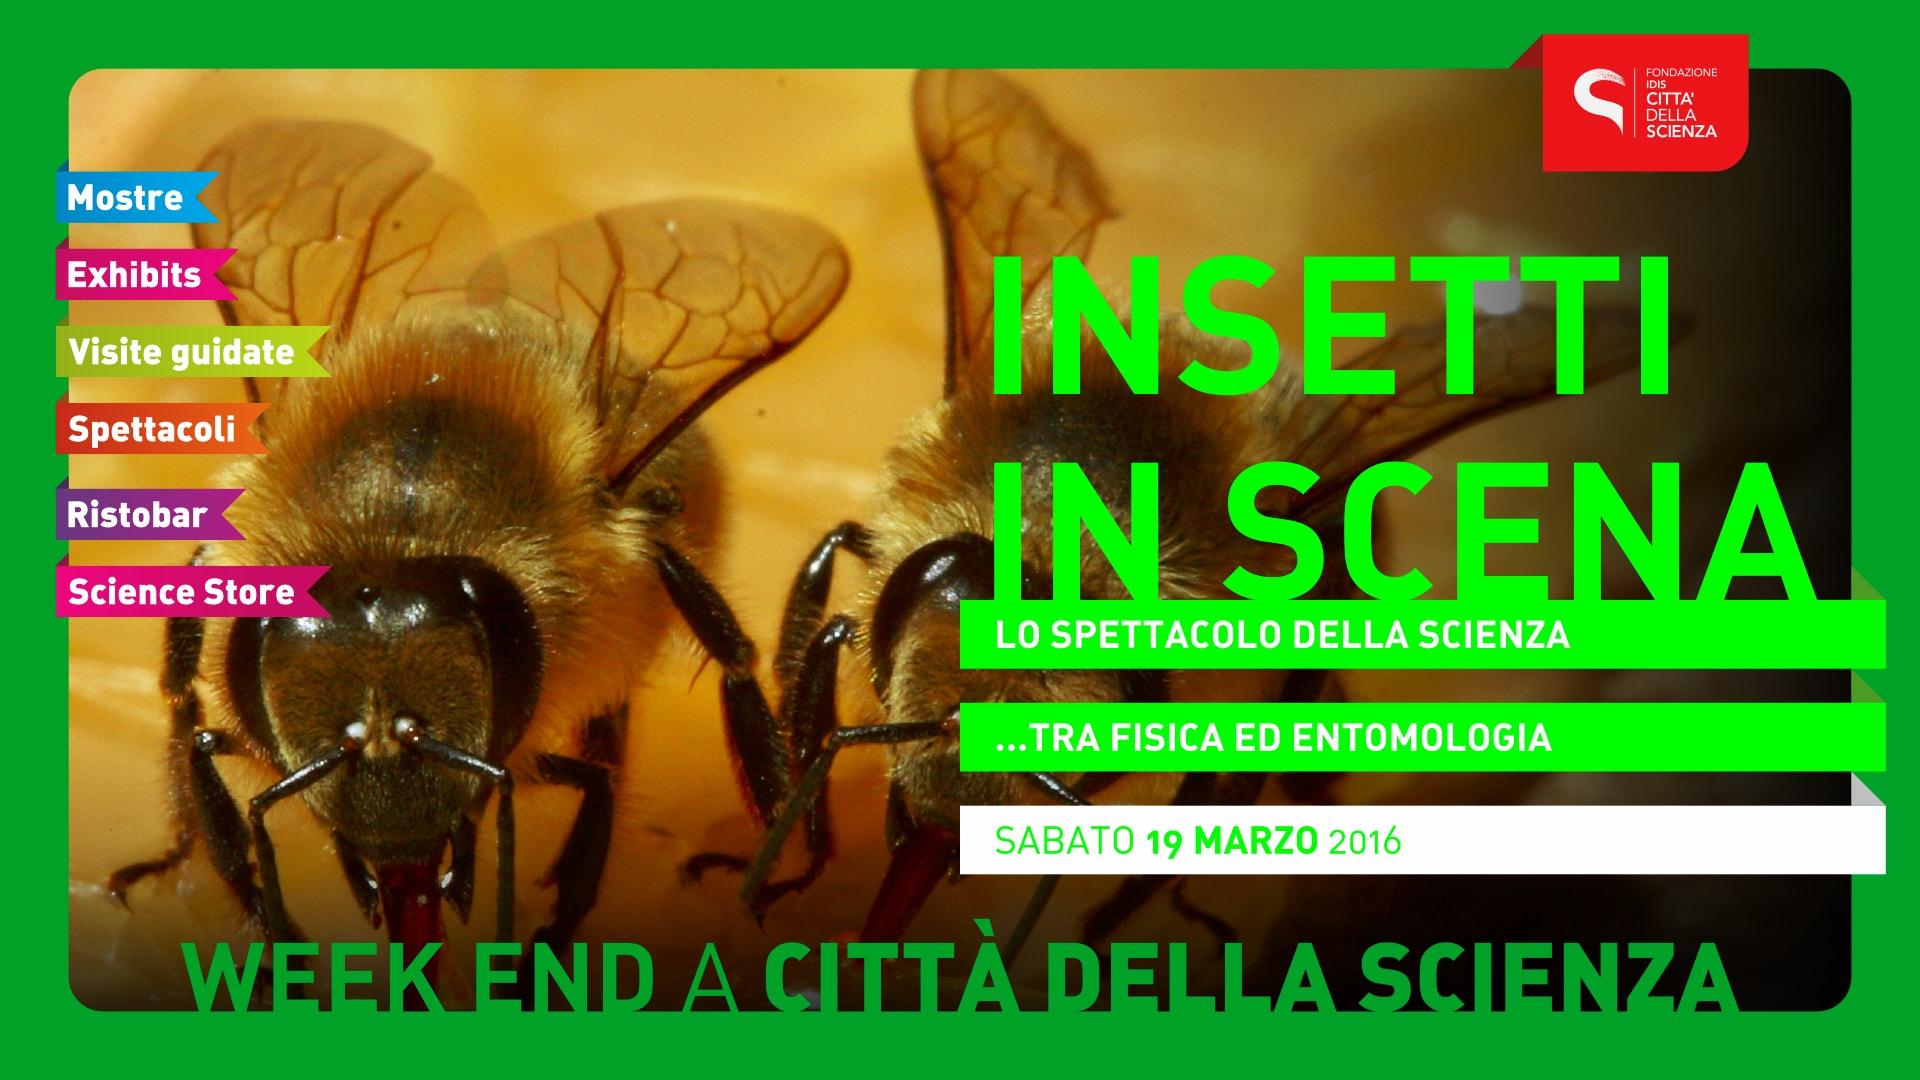 002_INSETTI_IN_SCENA_1920_x_1080-min